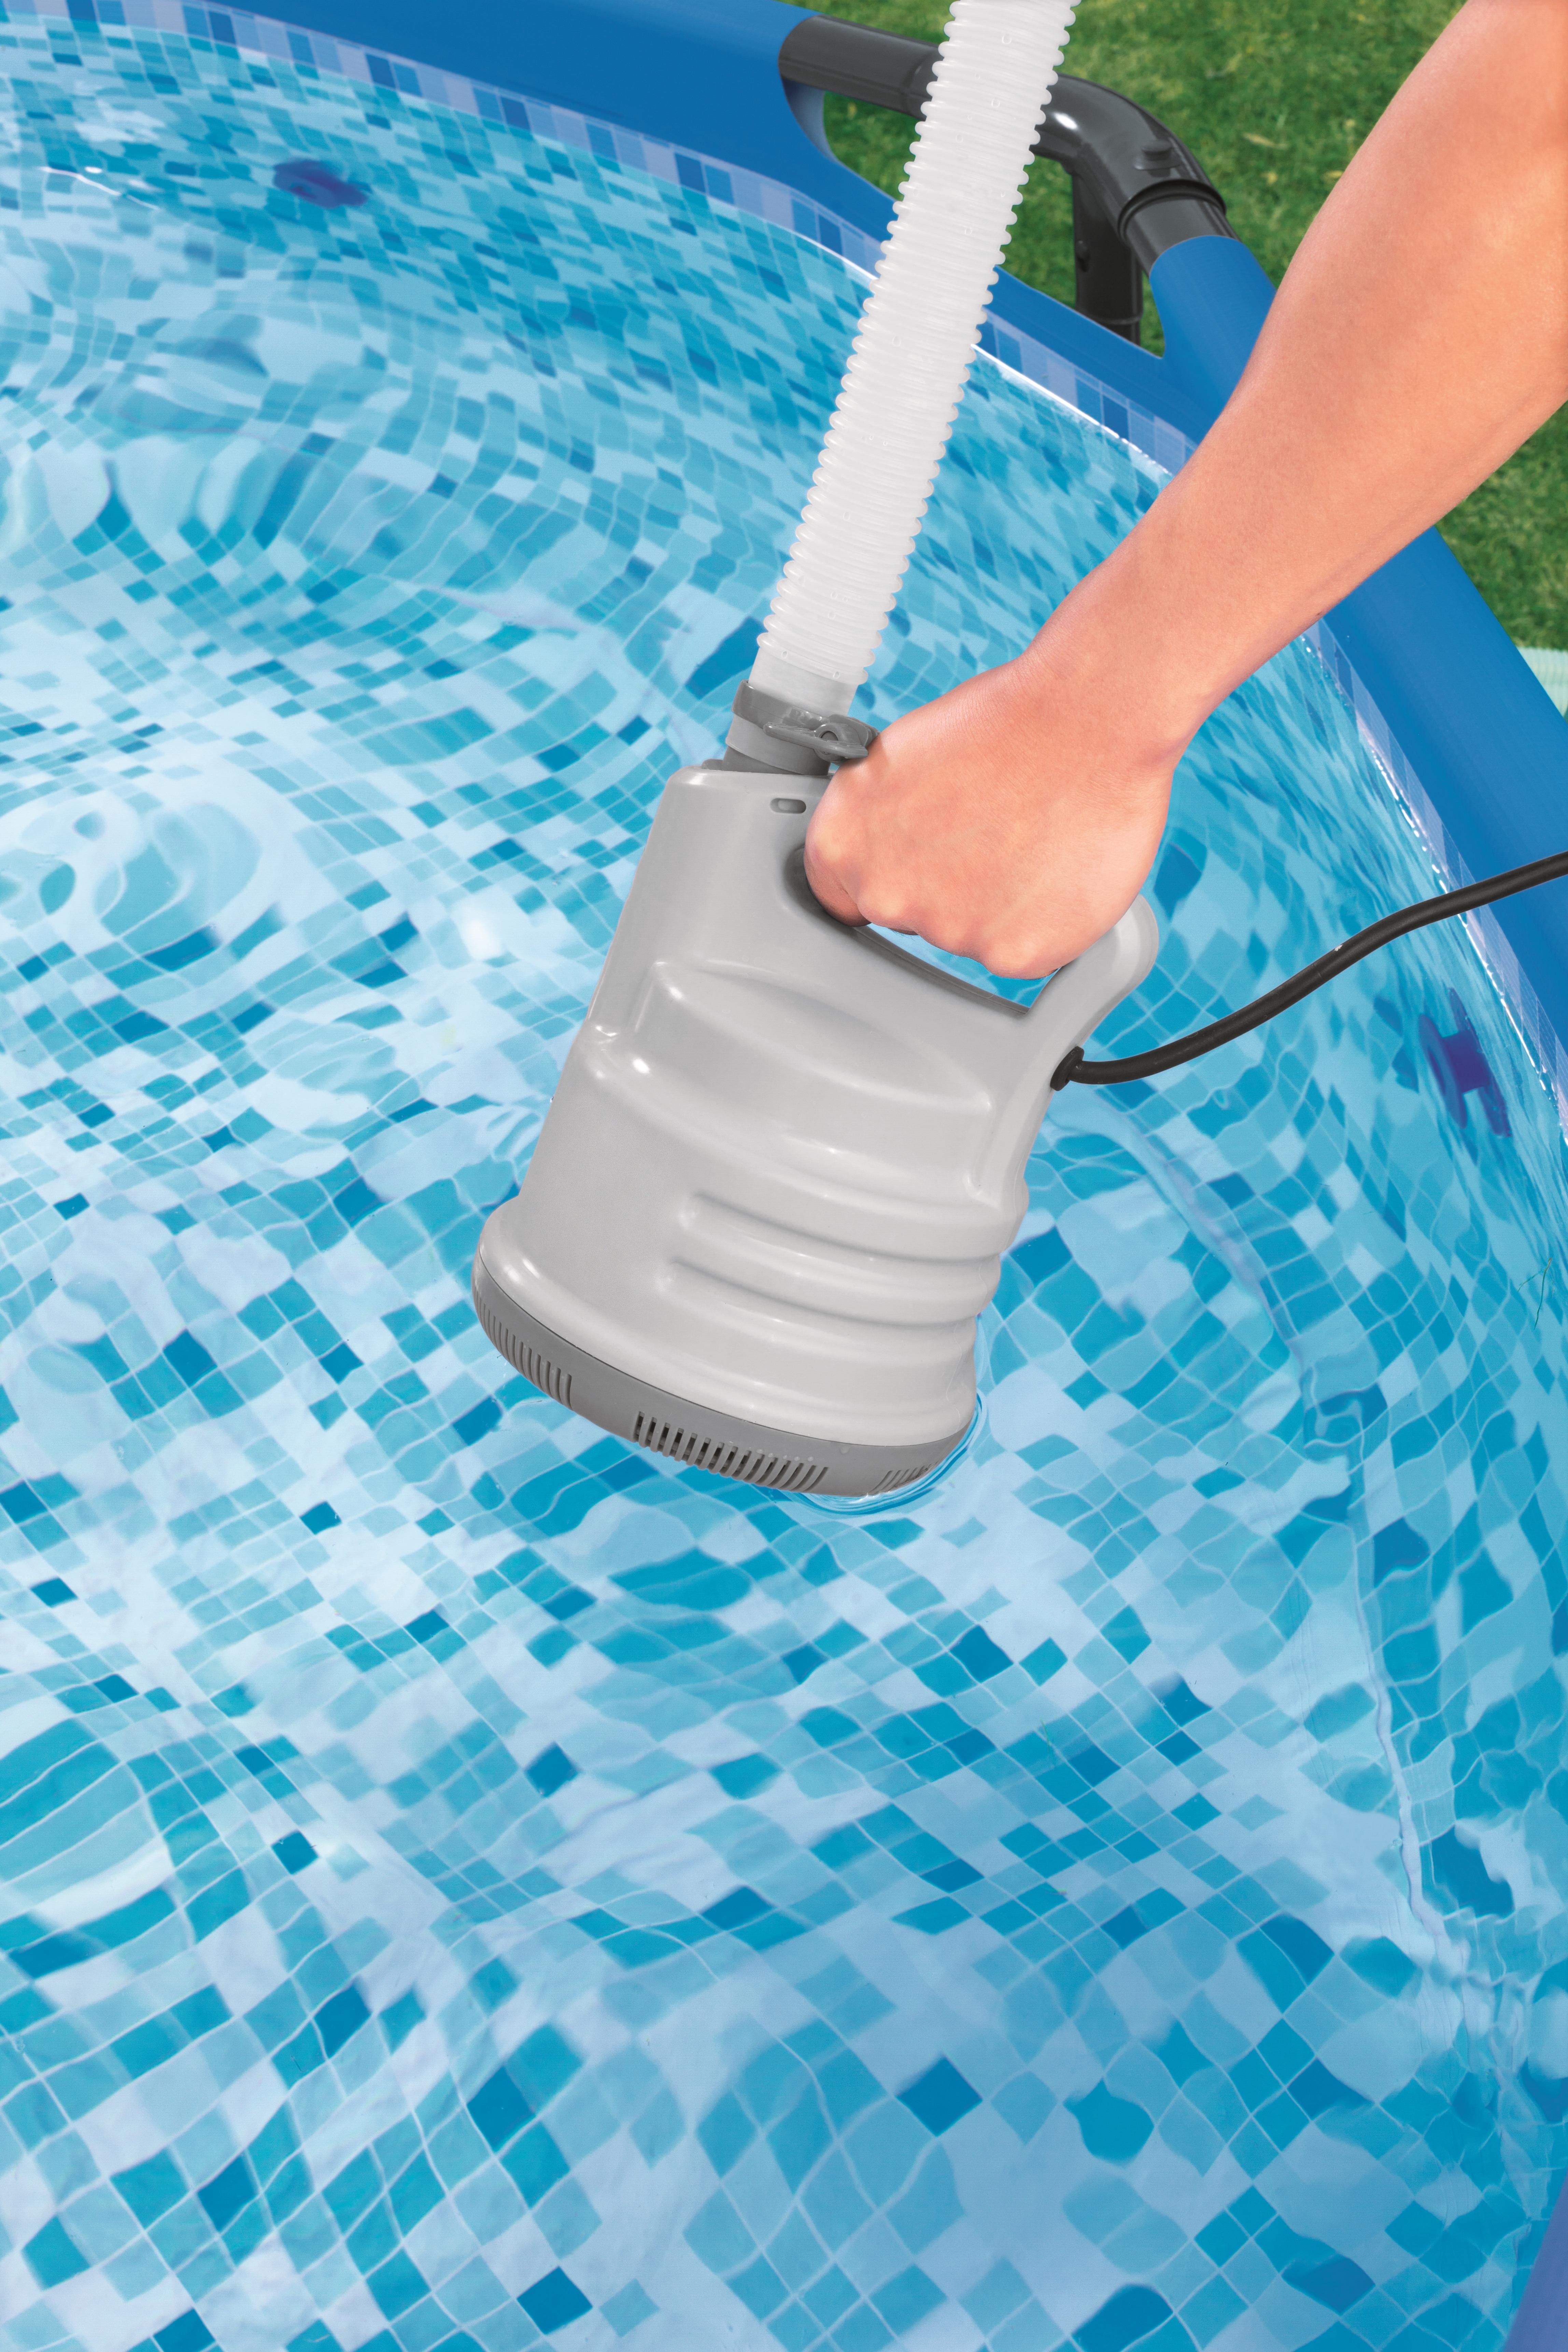 Как выбрать насос для бассейна: правила подбора и классификация